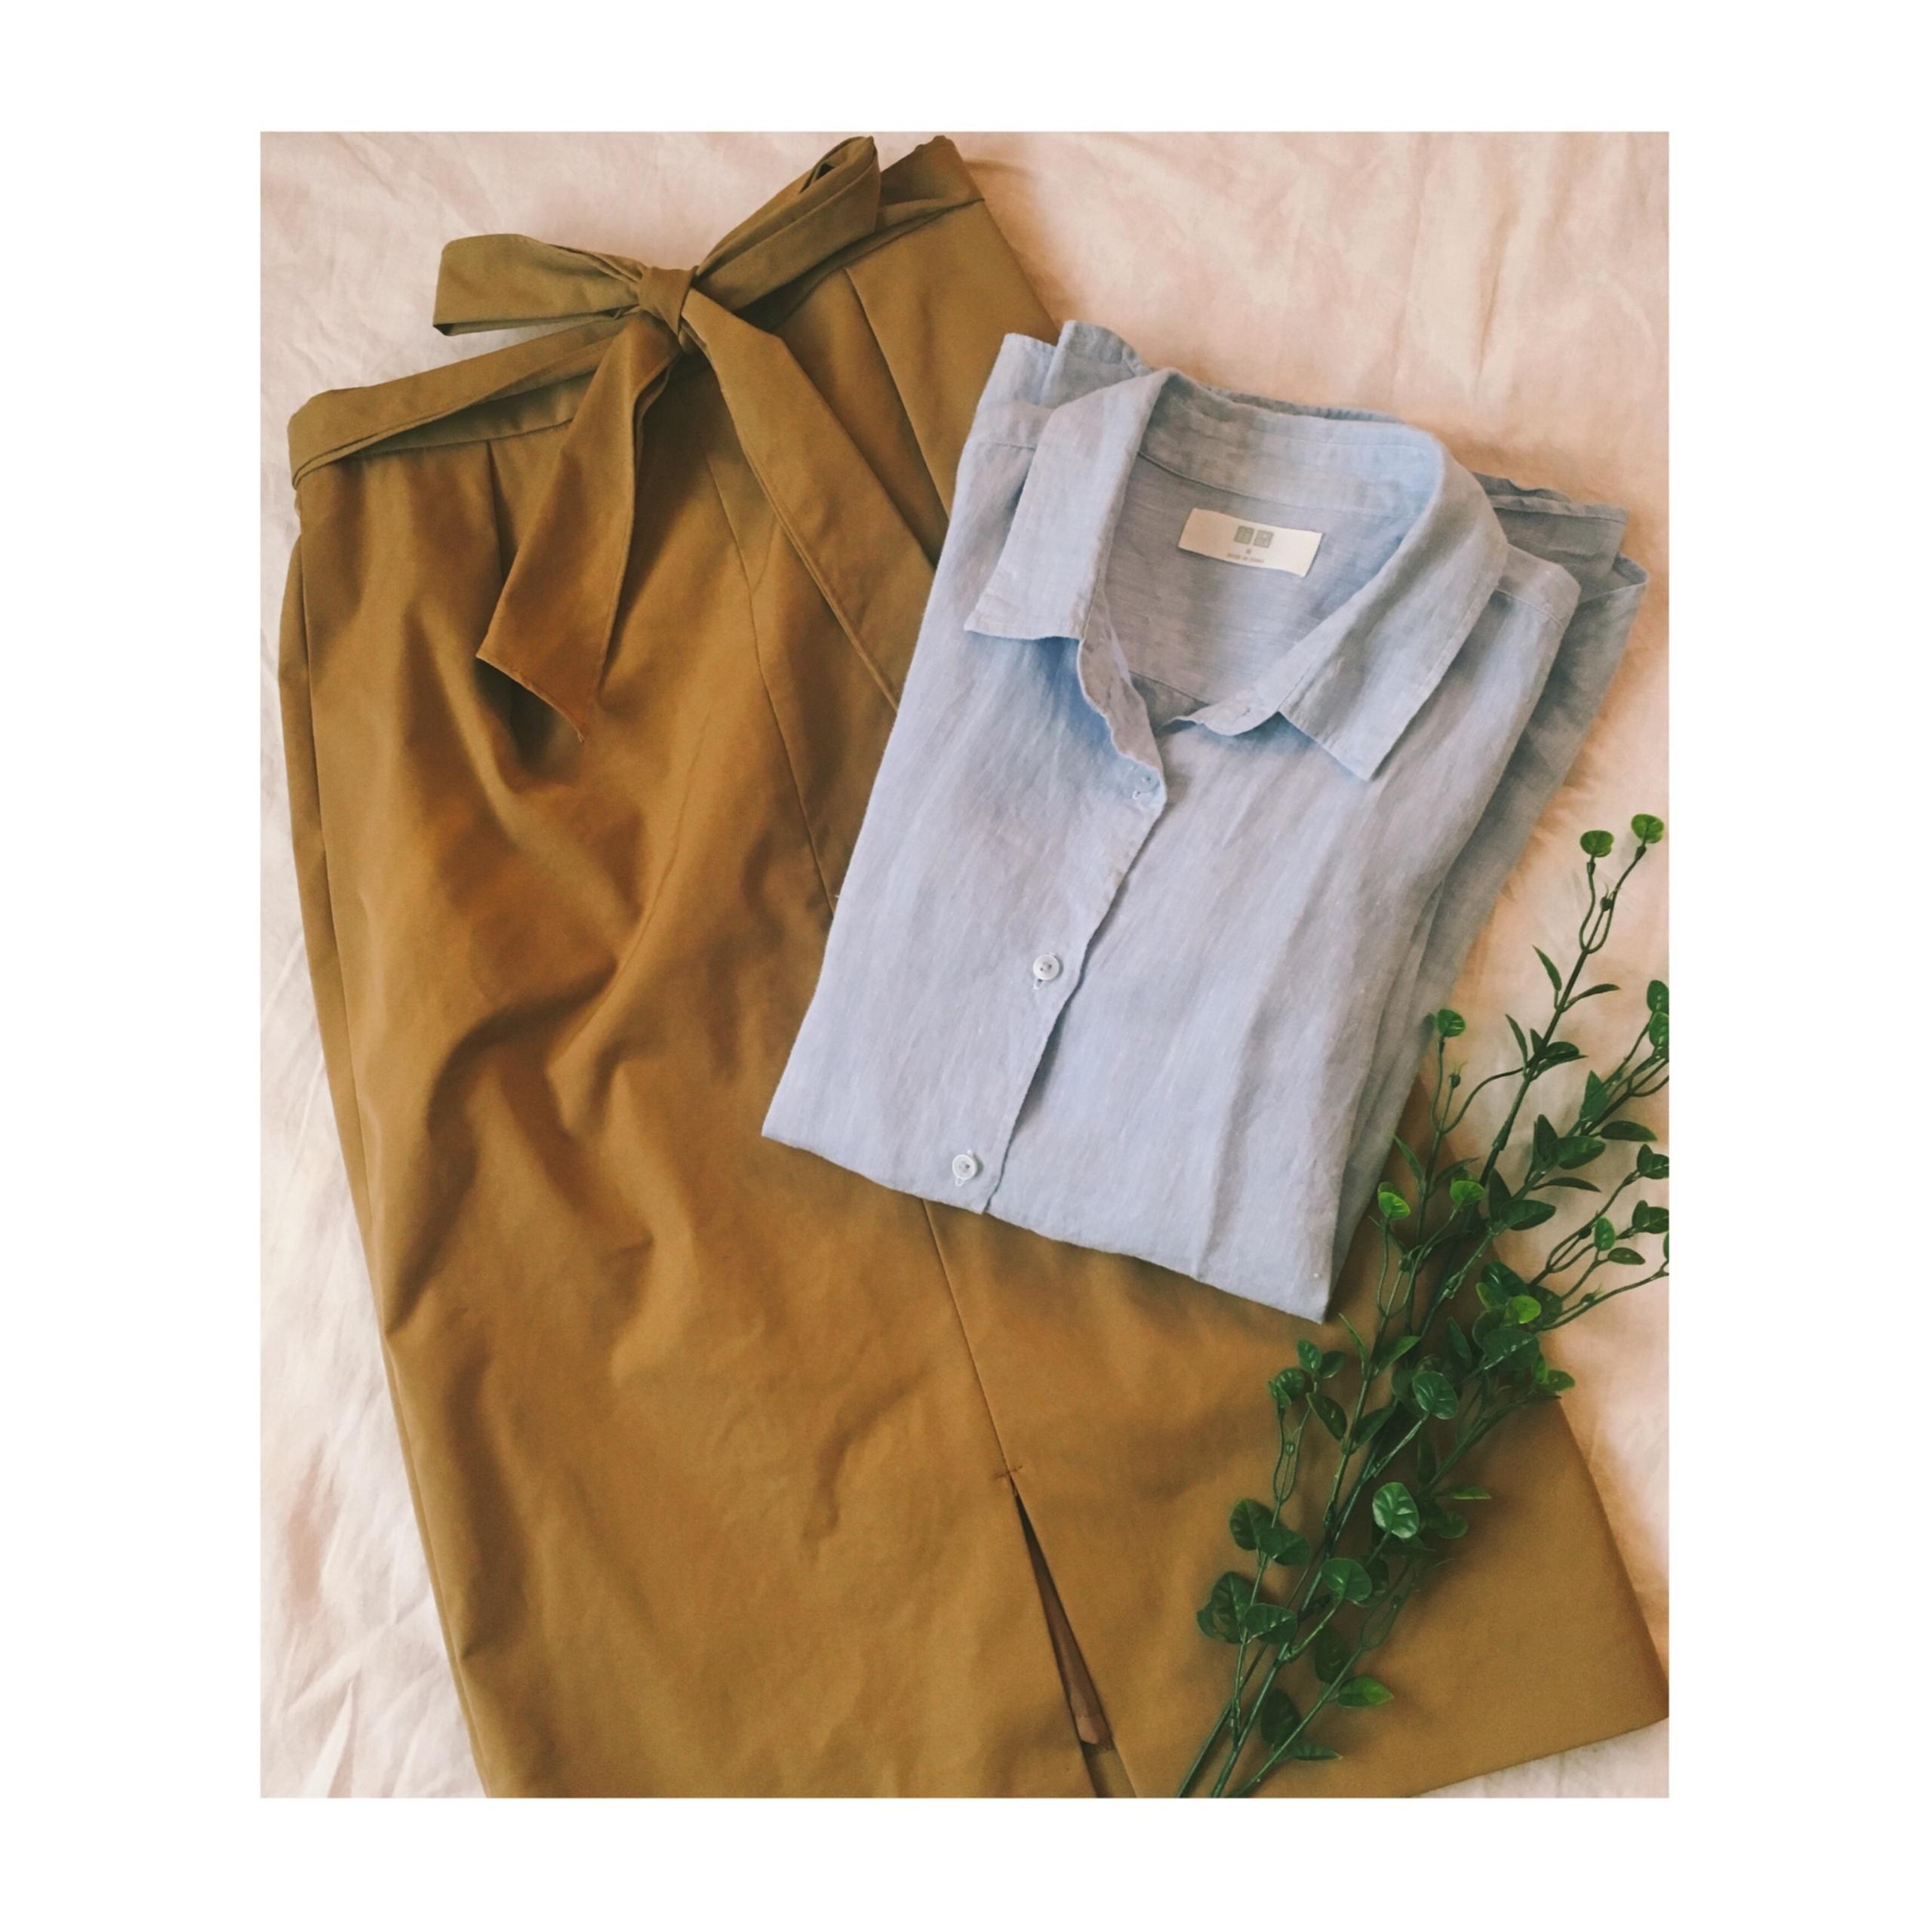 《やっぱり優秀!》今年はこう着回します✌︎★【UNIQLO】のプレミアムリネンシャツで着回し4コーデ❤️_5